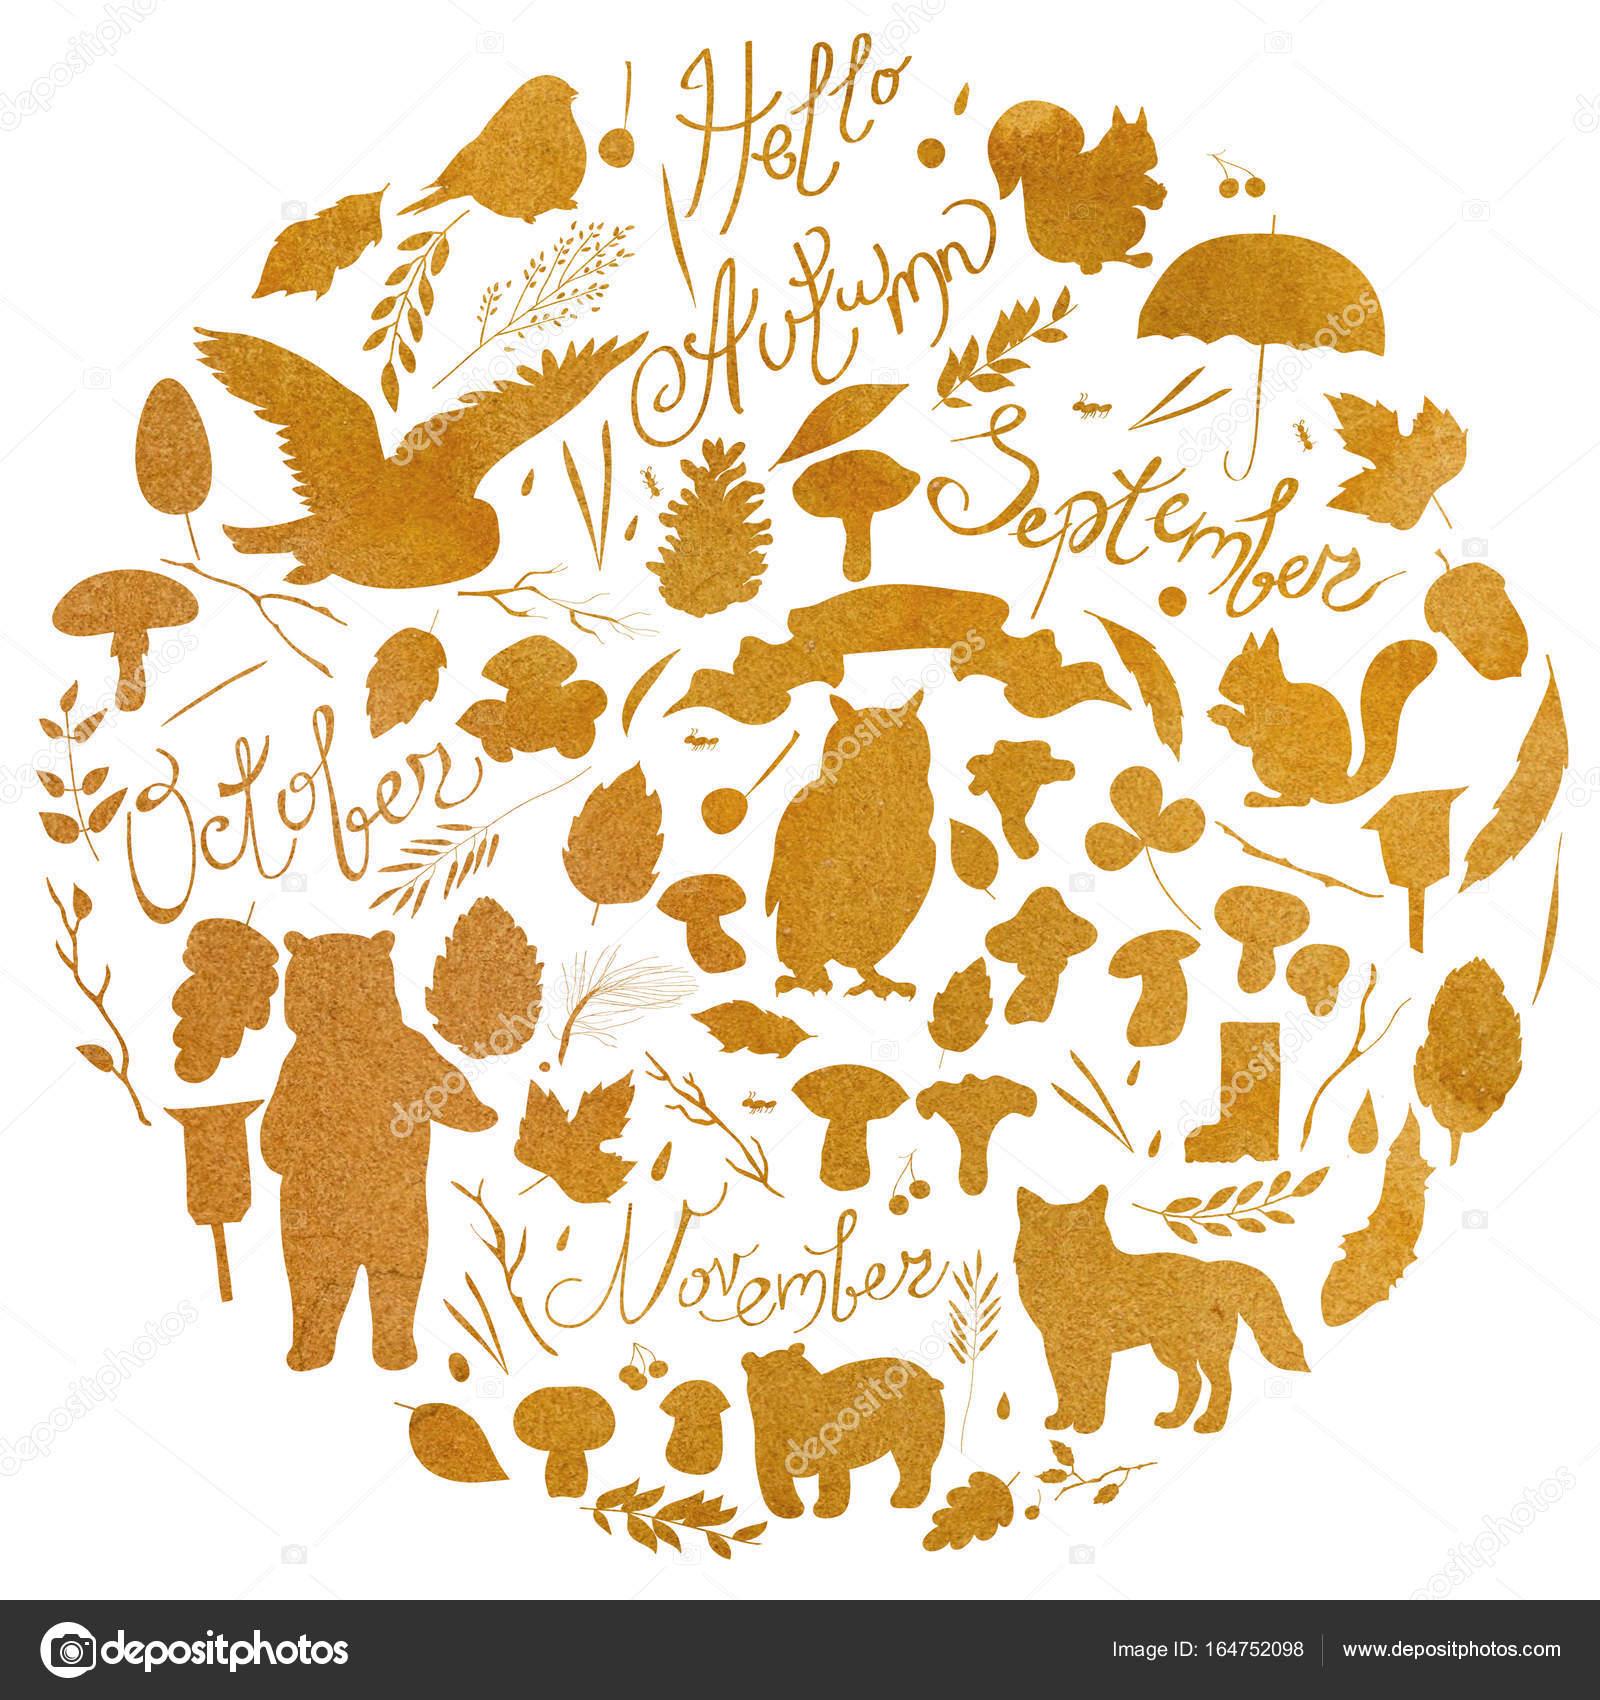 水彩イラスト、葉、枝、果実、花、動物と鳥、秋の要素、クマ、リス